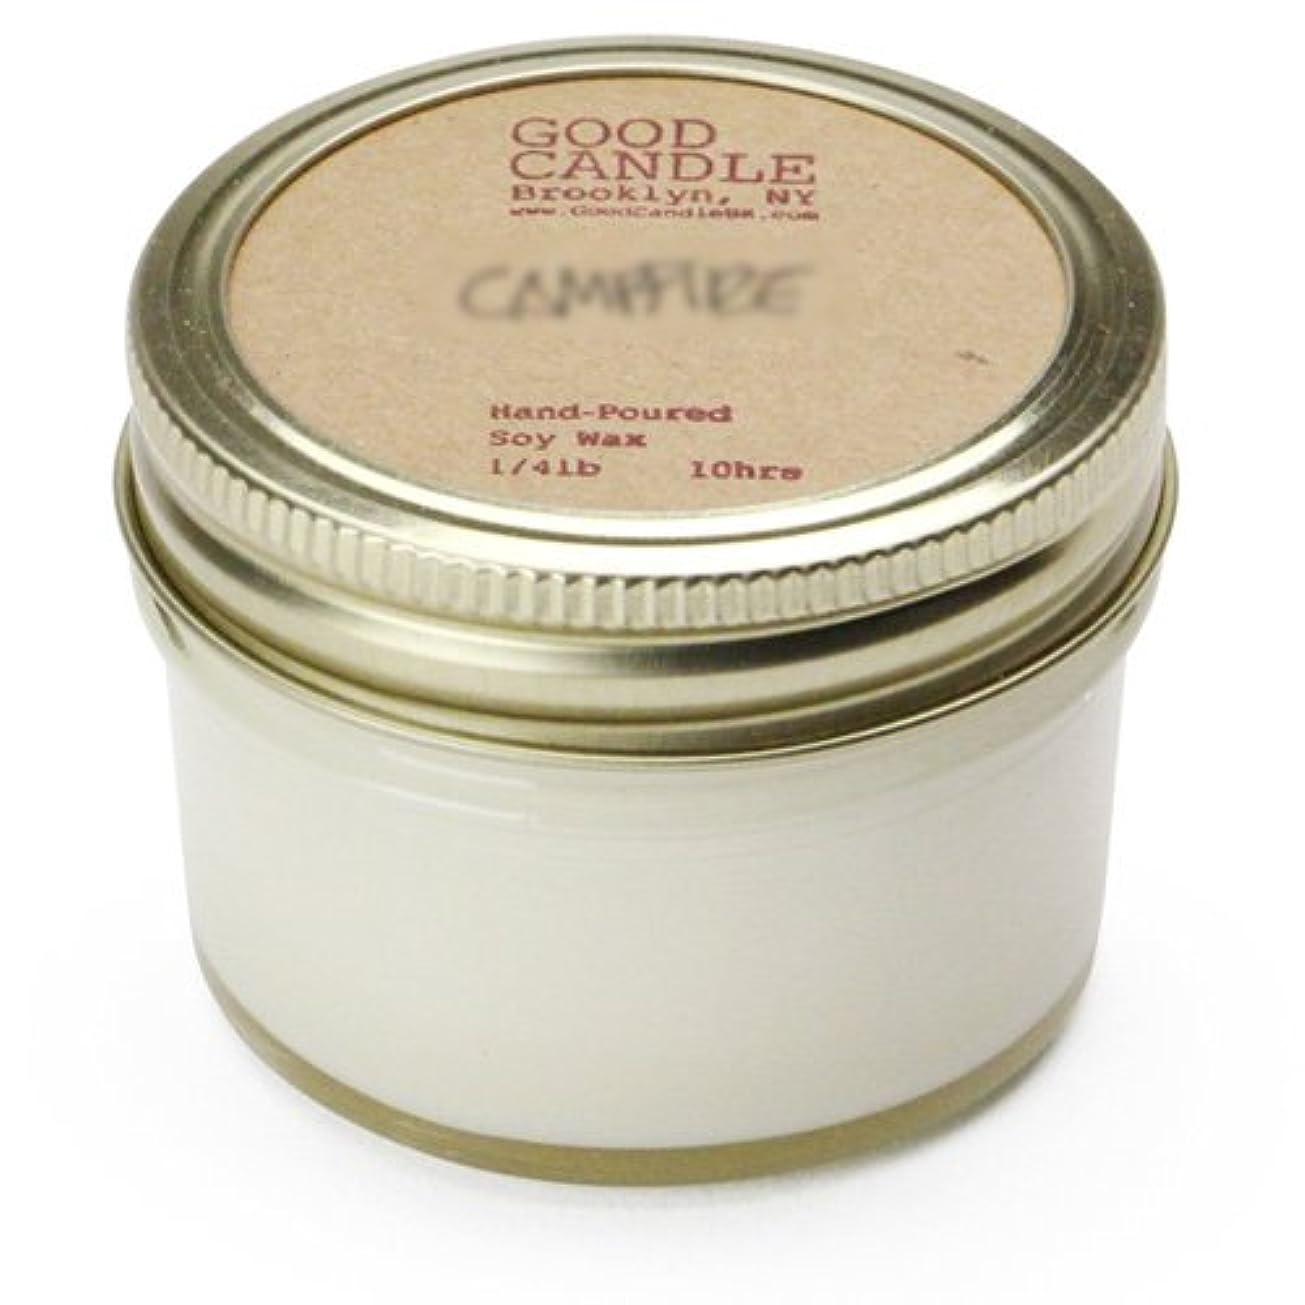 おびえた付属品リールグッドキャンドル 1/4ポンド ゼリージャー キャンドル Good Candle 1/4LB Jelly jar candle [ Wash board ] 正規品